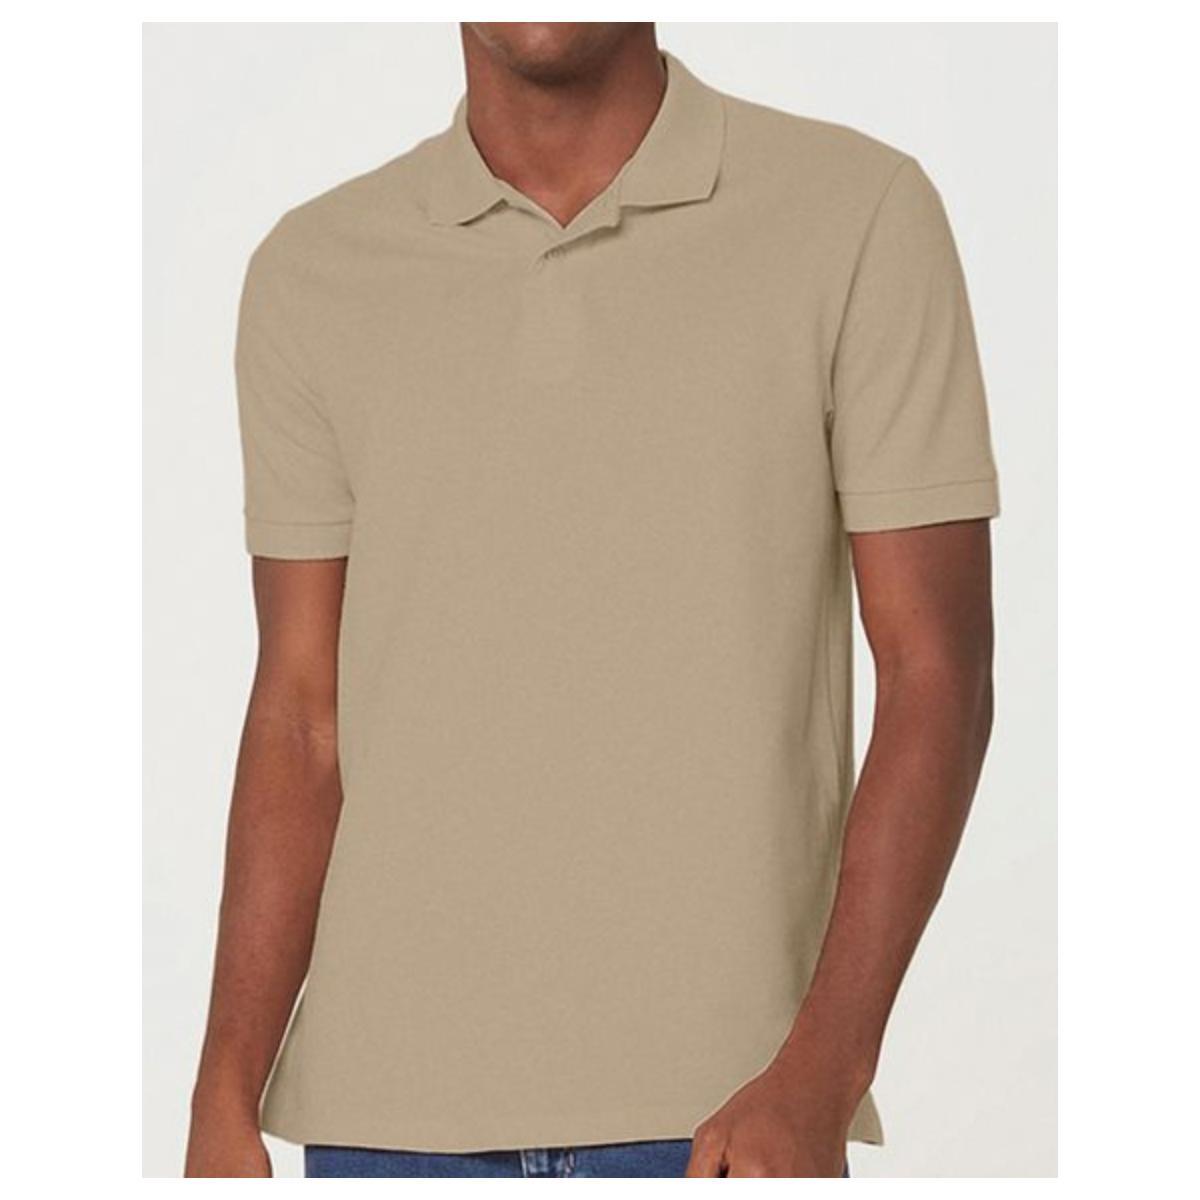 Camiseta Masculina Hering N3a7 Eaien  Marrom